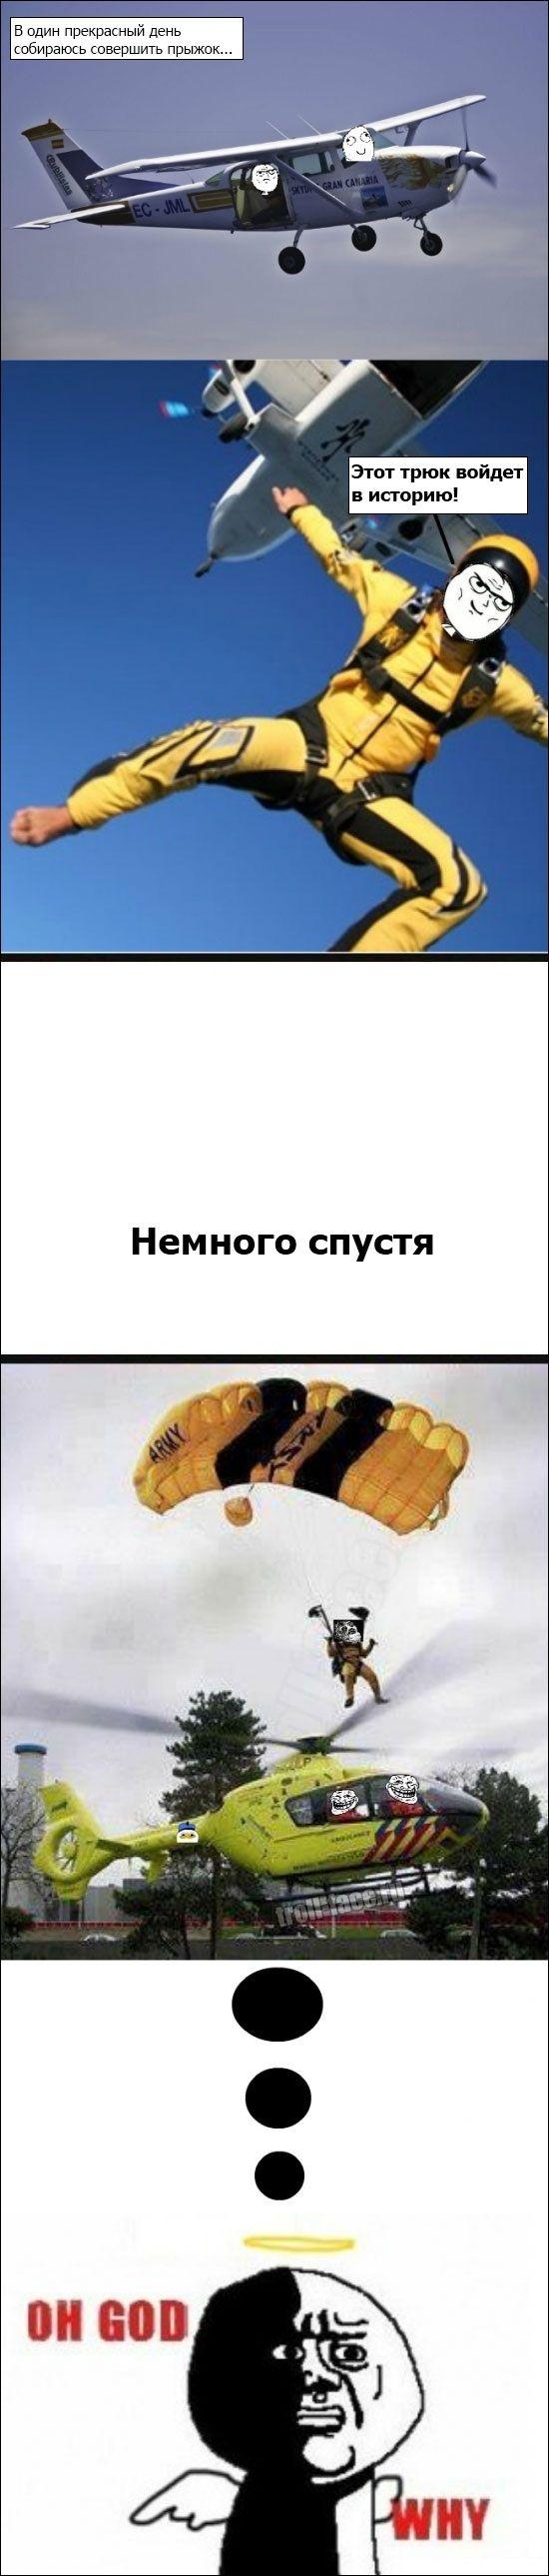 Смешные комиксы (22 фото)